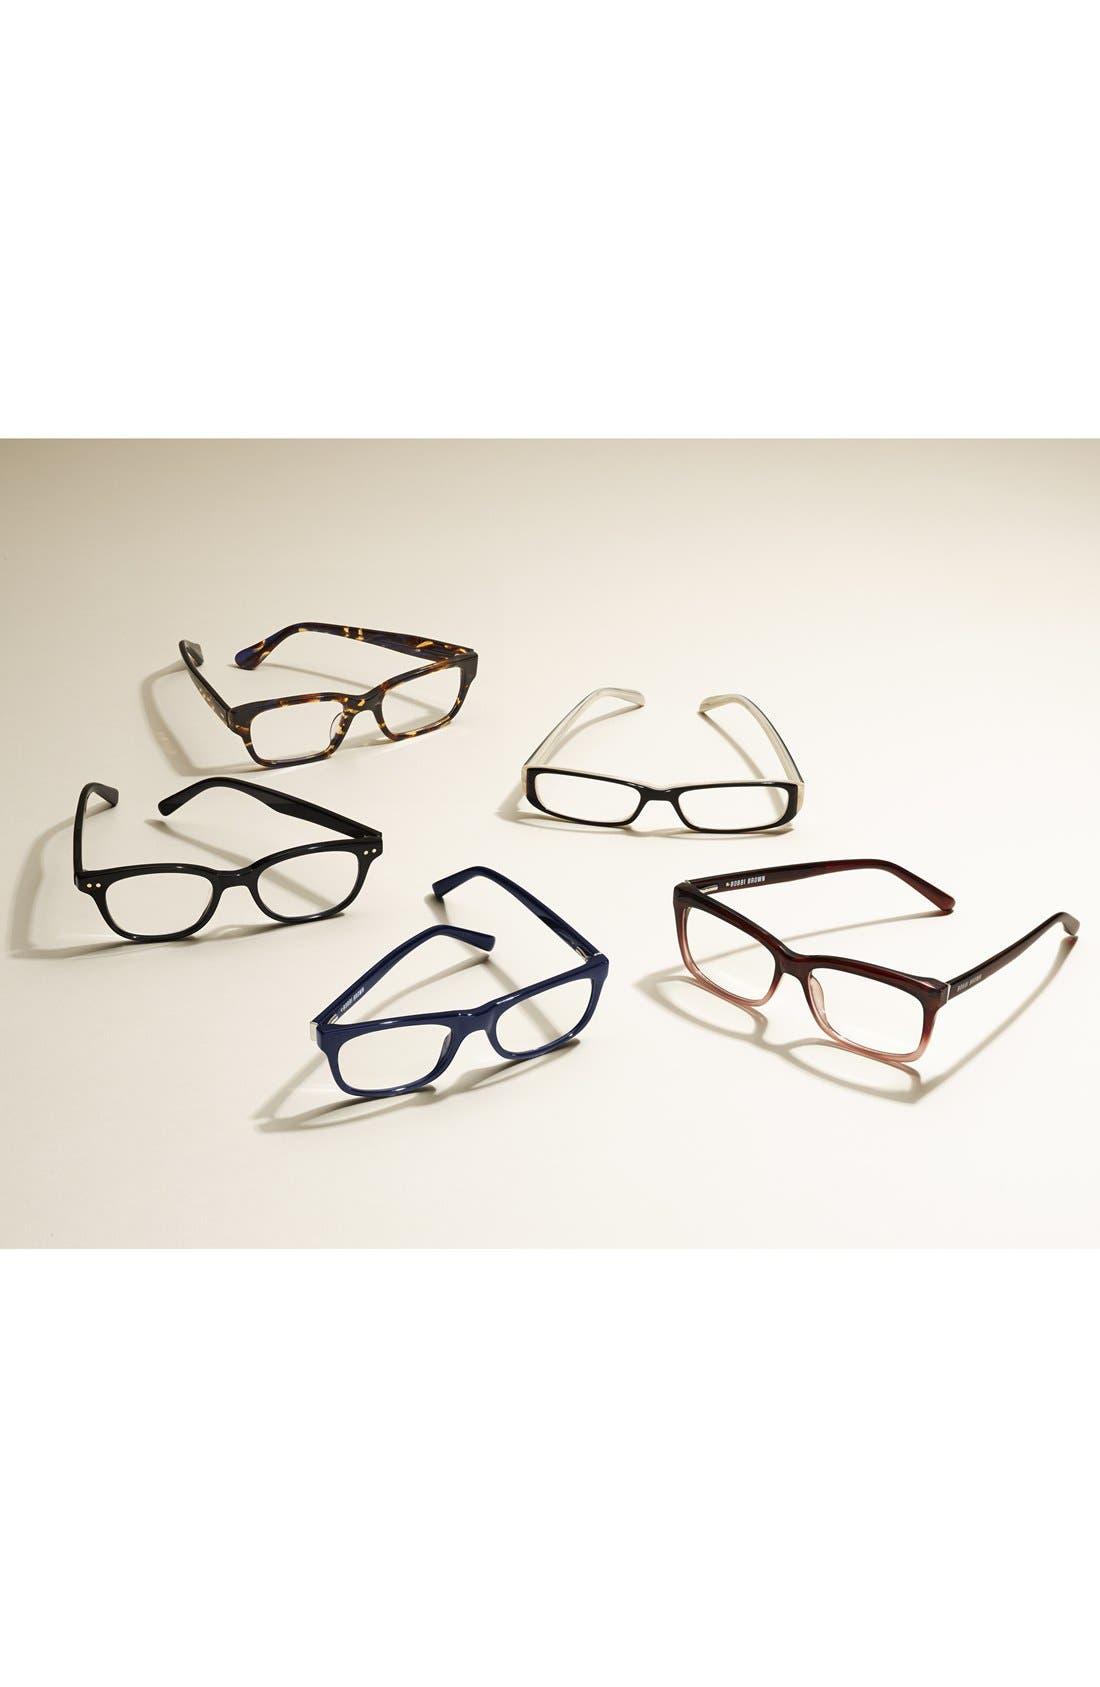 KATE SPADE NEW YORK,                             rebecca 49mm reading glasses,                             Alternate thumbnail 5, color,                             TOKYO TORTOISE